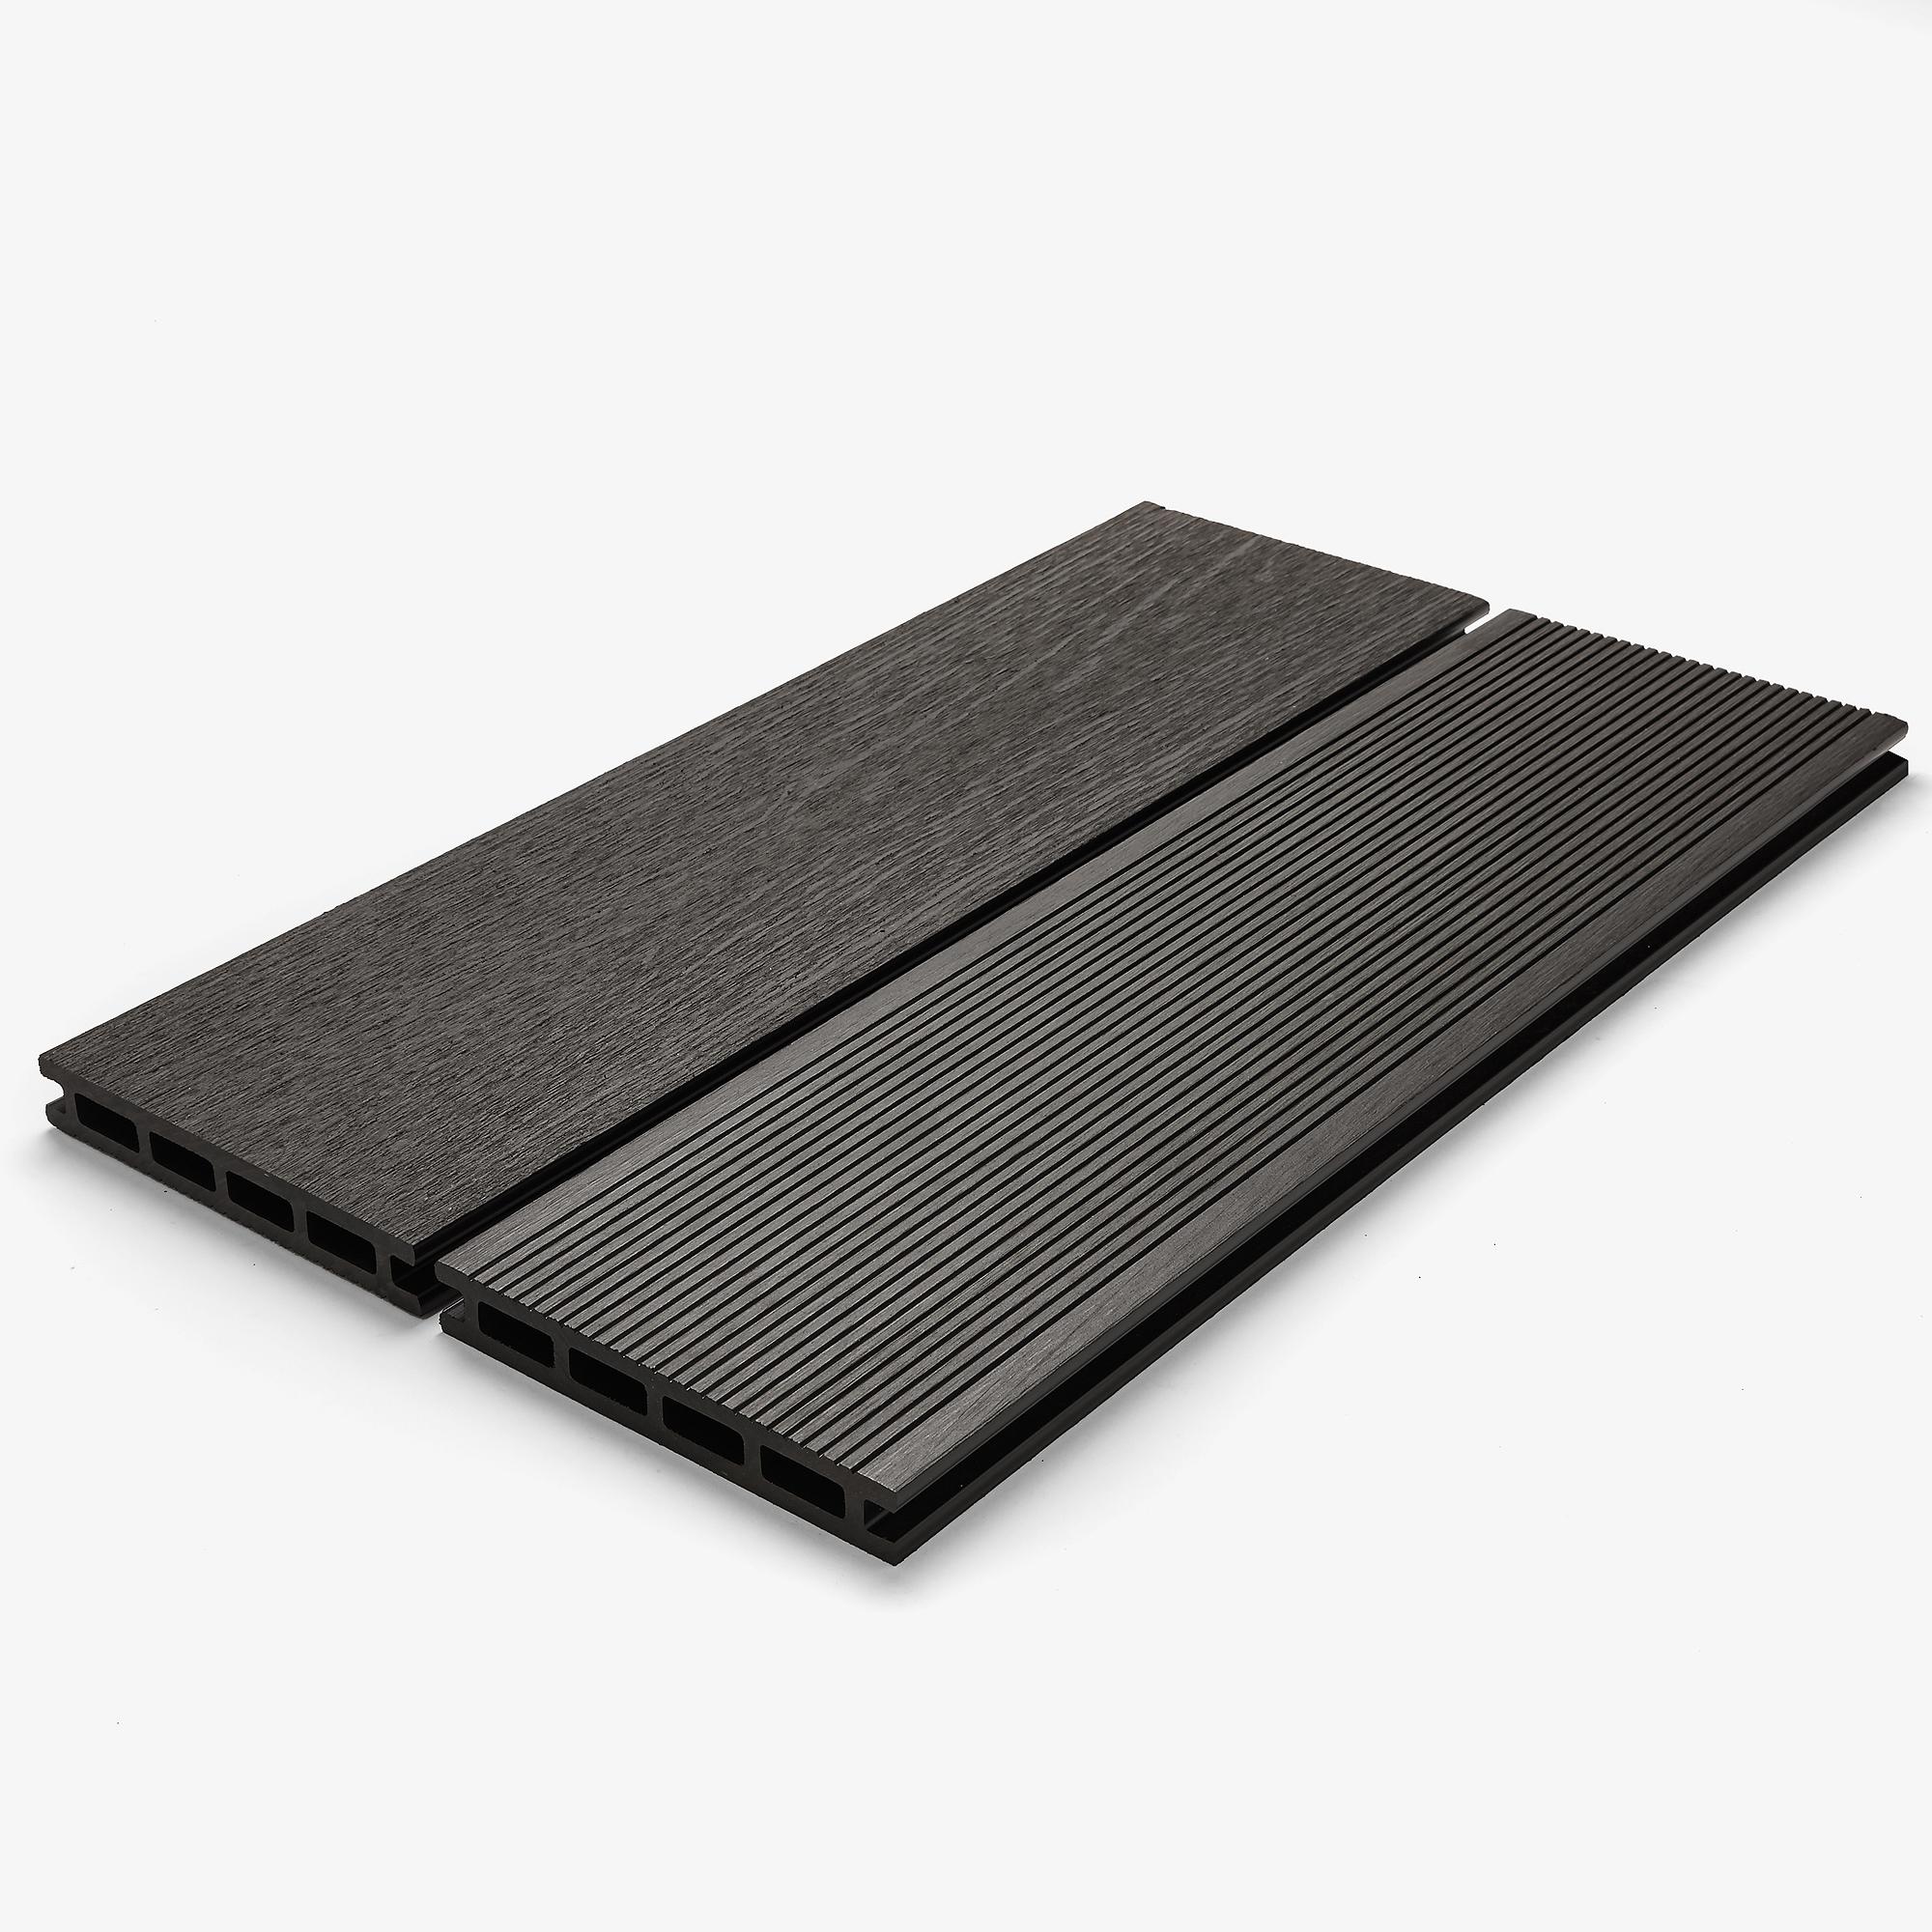 DURATRAC Decking - Pioneer - Granite.jpg